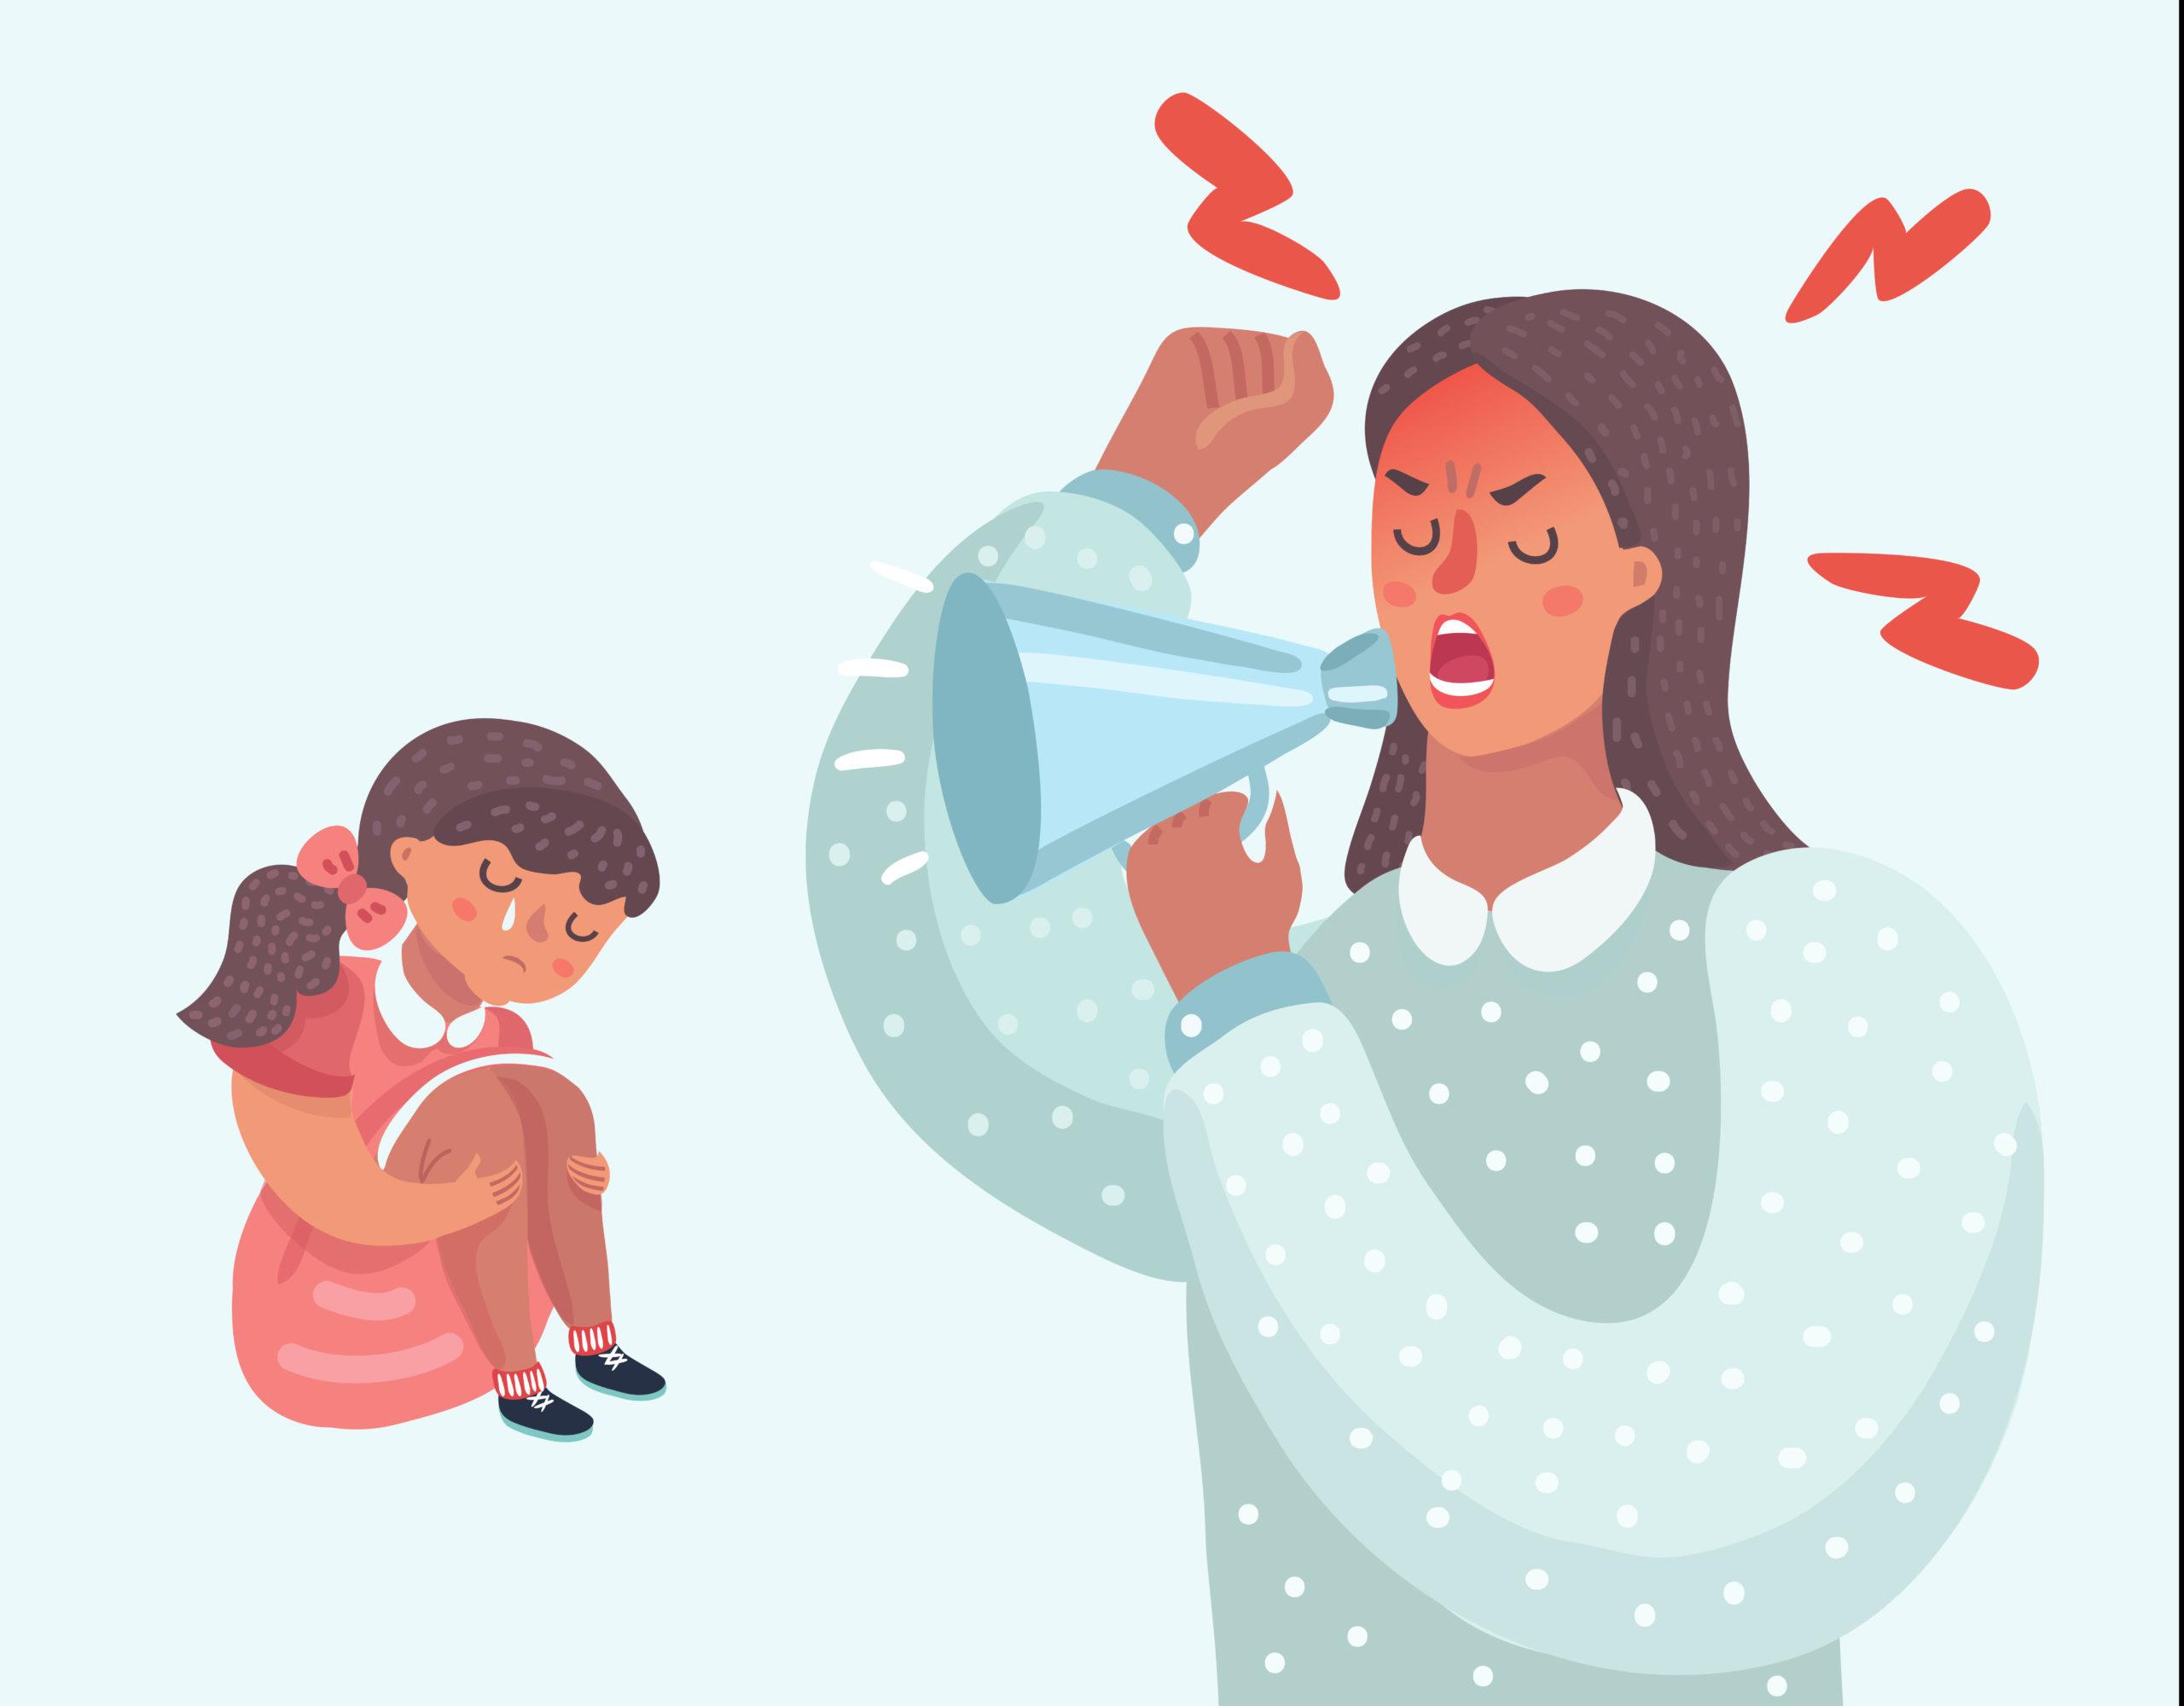 「私ってヒステリック?」ヒステリックなほど感情的な母親 6つの特徴と5つの心理的要因